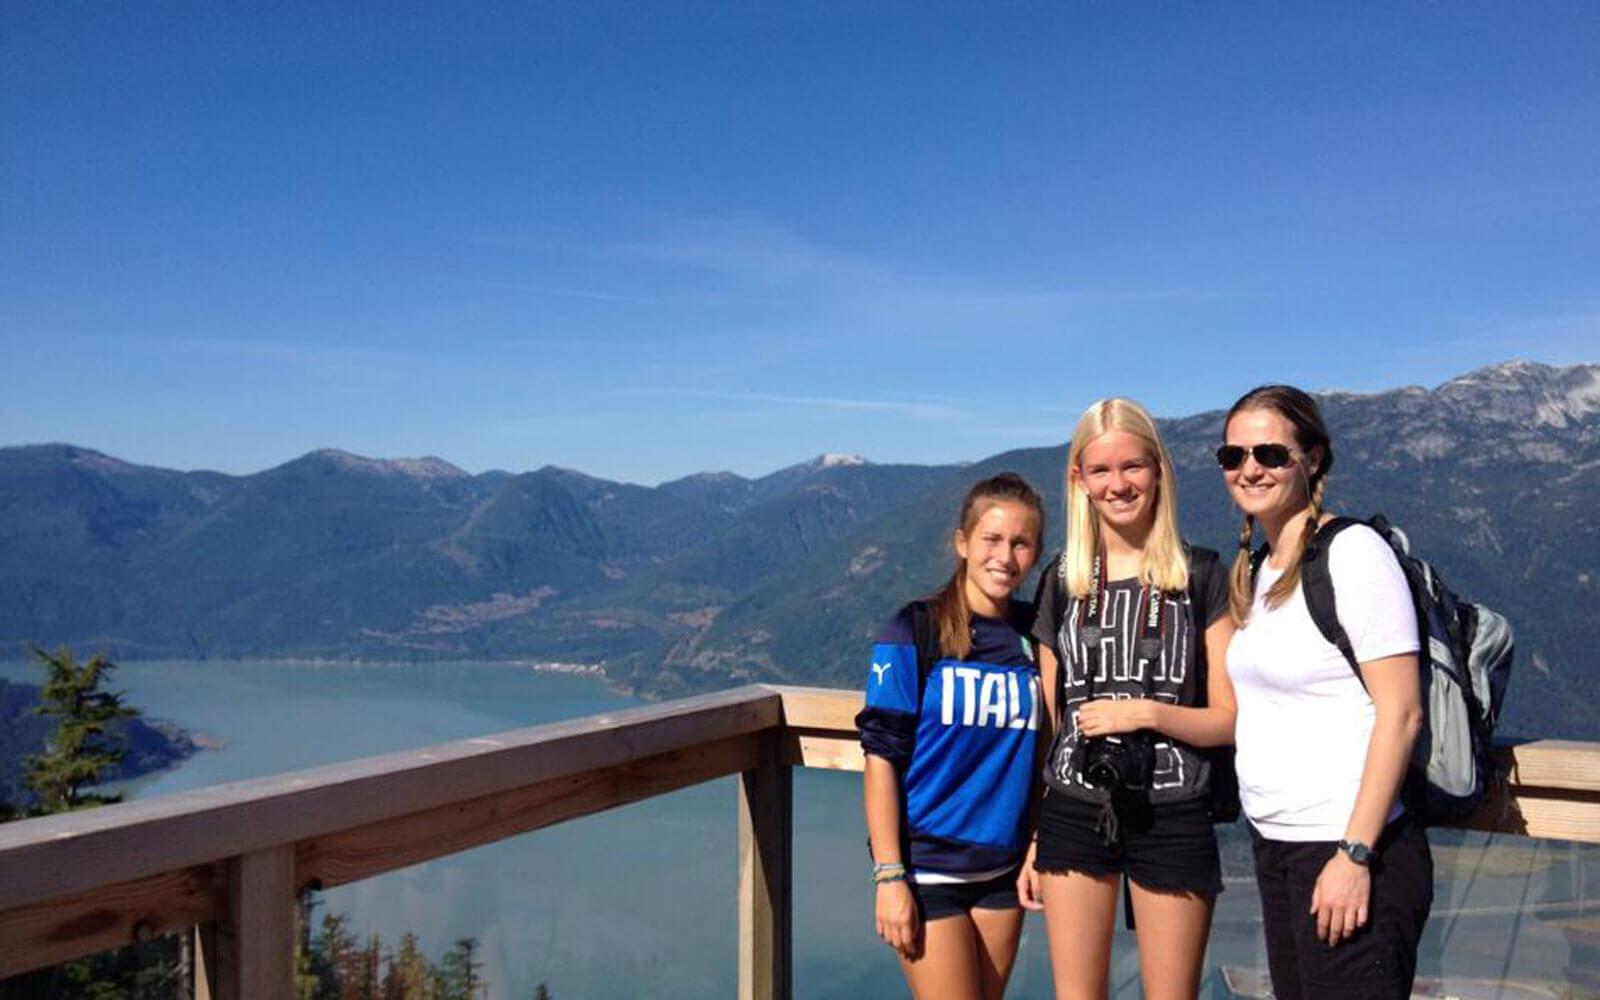 Alina in Kanada mit ihren neuen Freunden